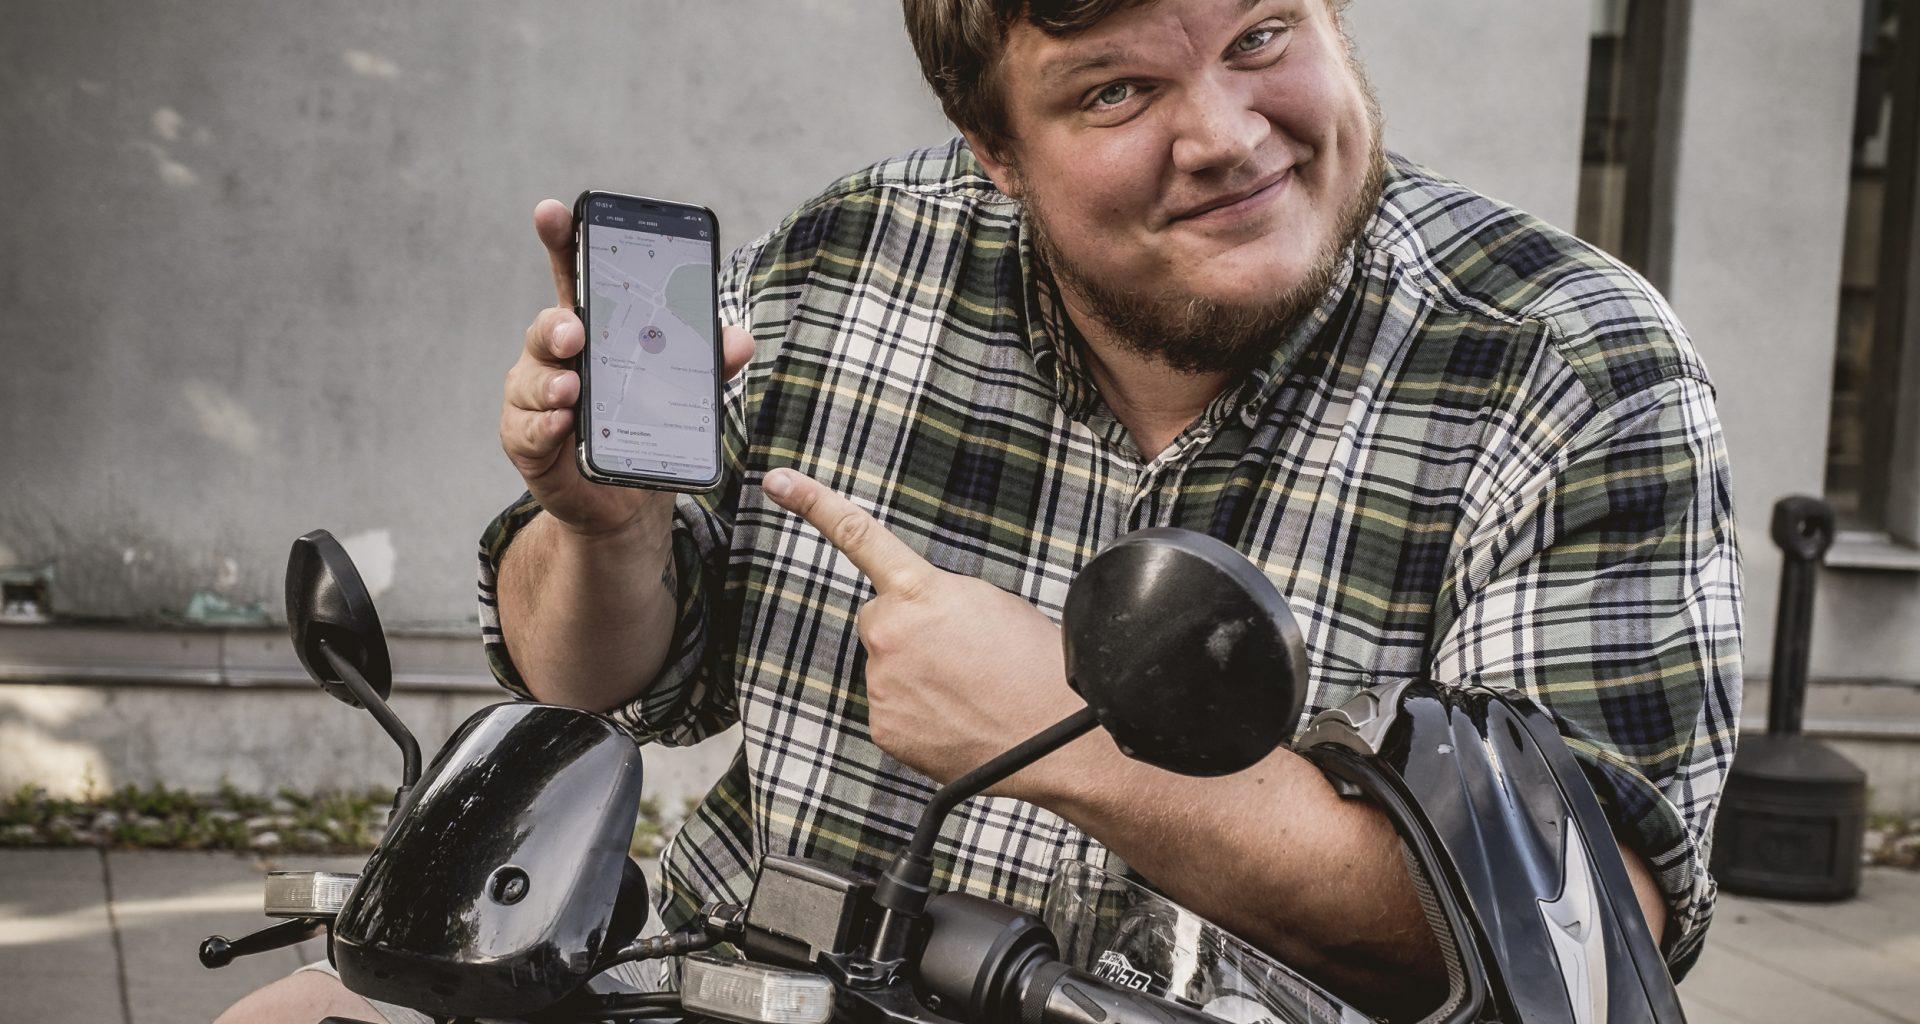 Fredrik laat de NIU app op zijn telefoon zien